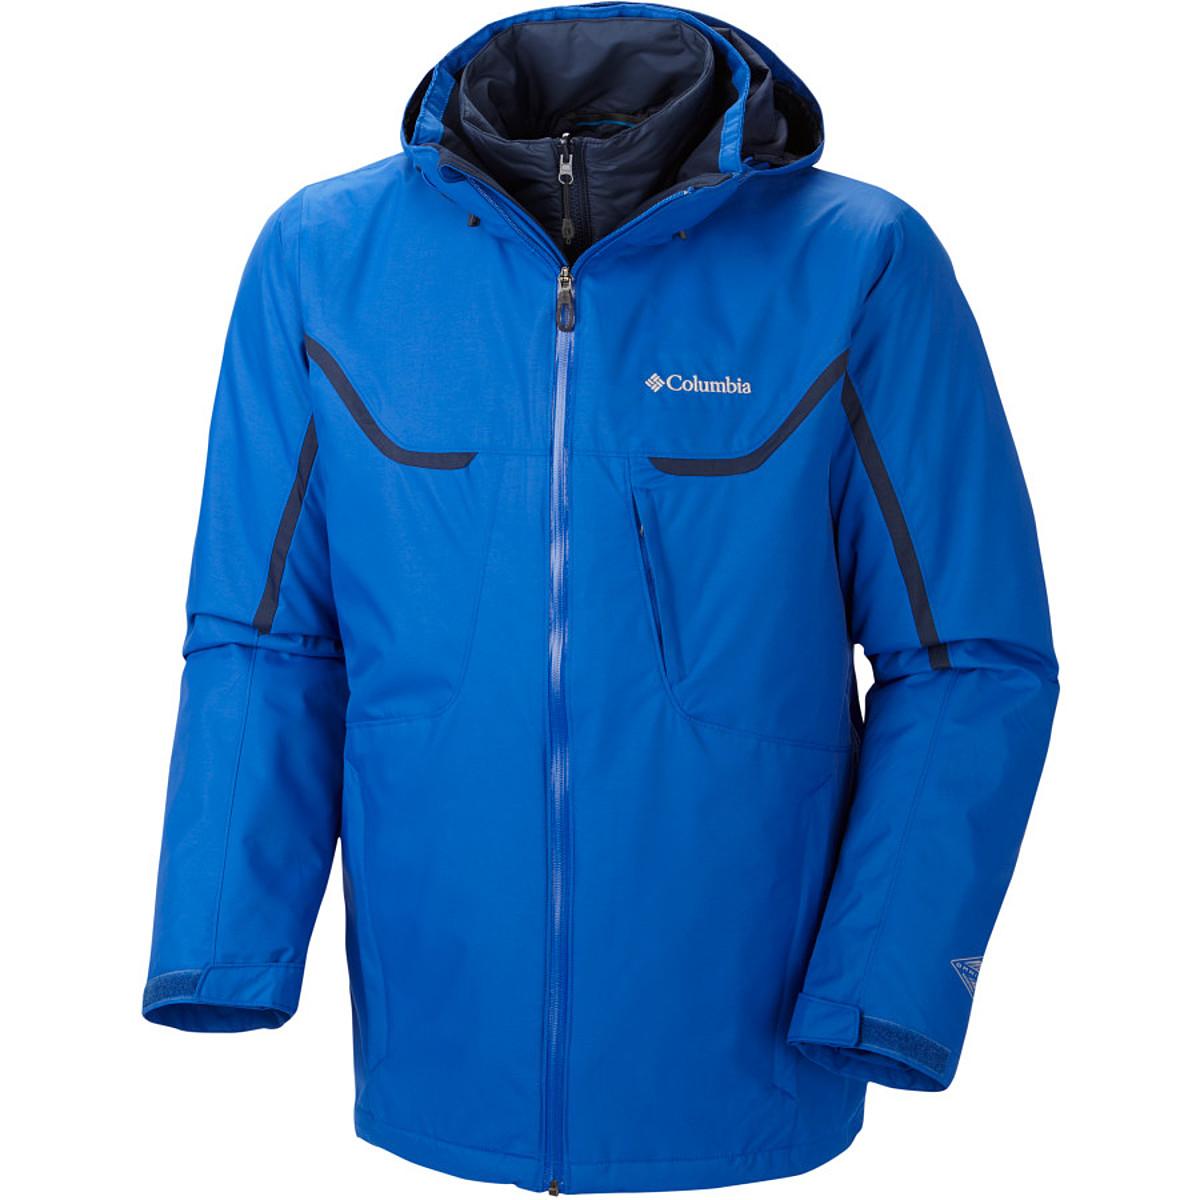 photo: Columbia Men's Whirlibird II Interchange Jacket component (3-in-1) jacket